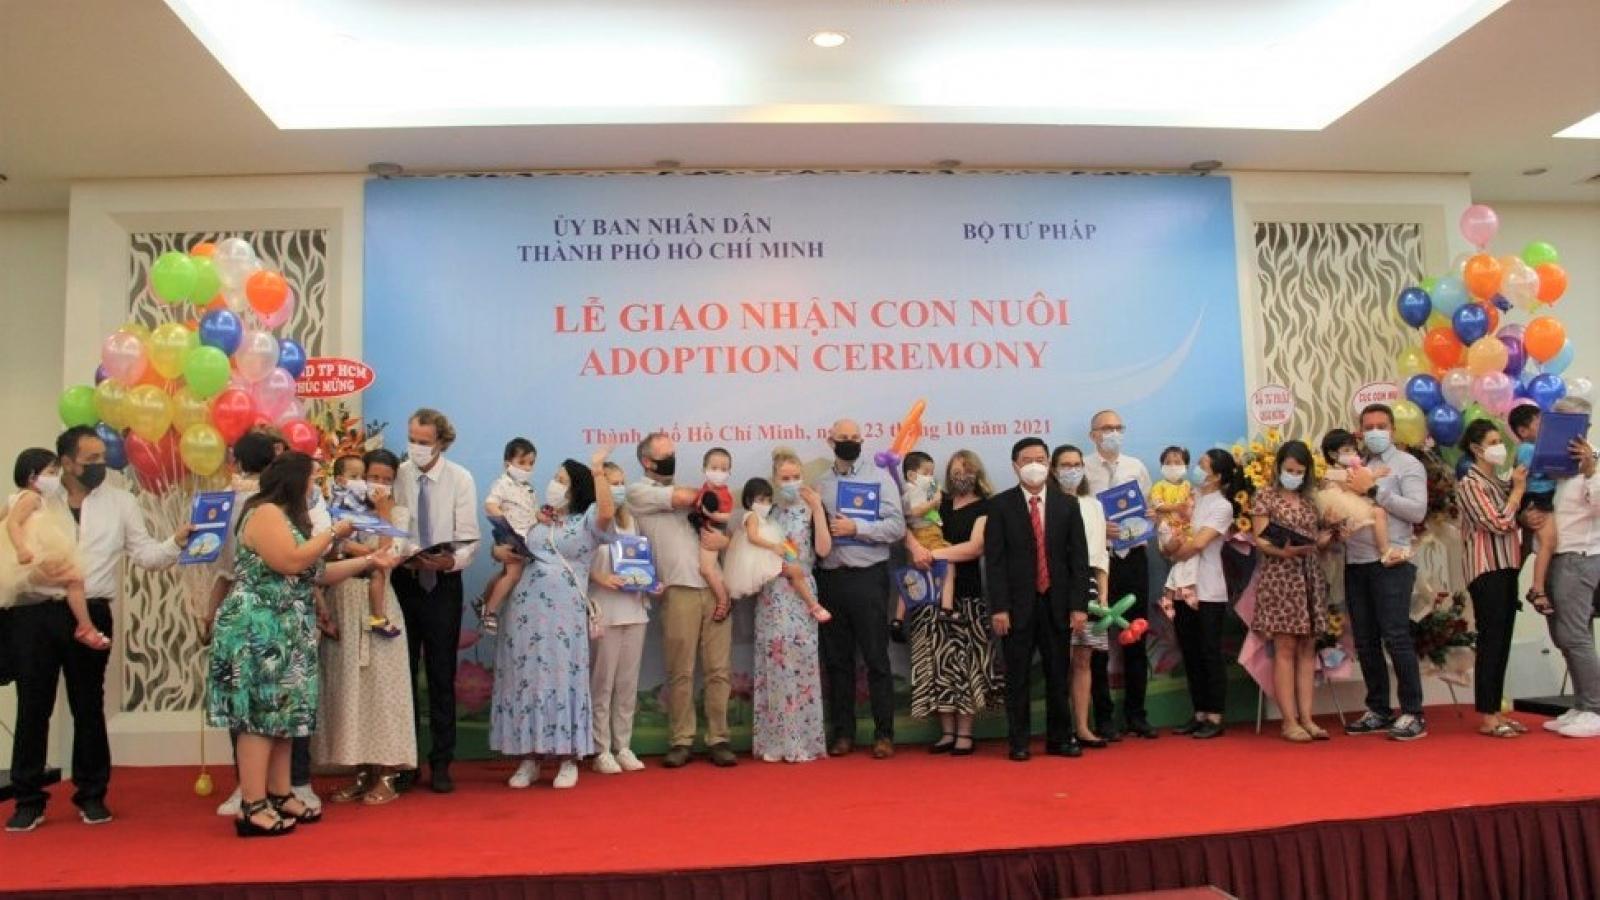 91 gia đình từ 8 nước châu Âu tới TP.HCM làm thủ tục giao nhận con nuôi